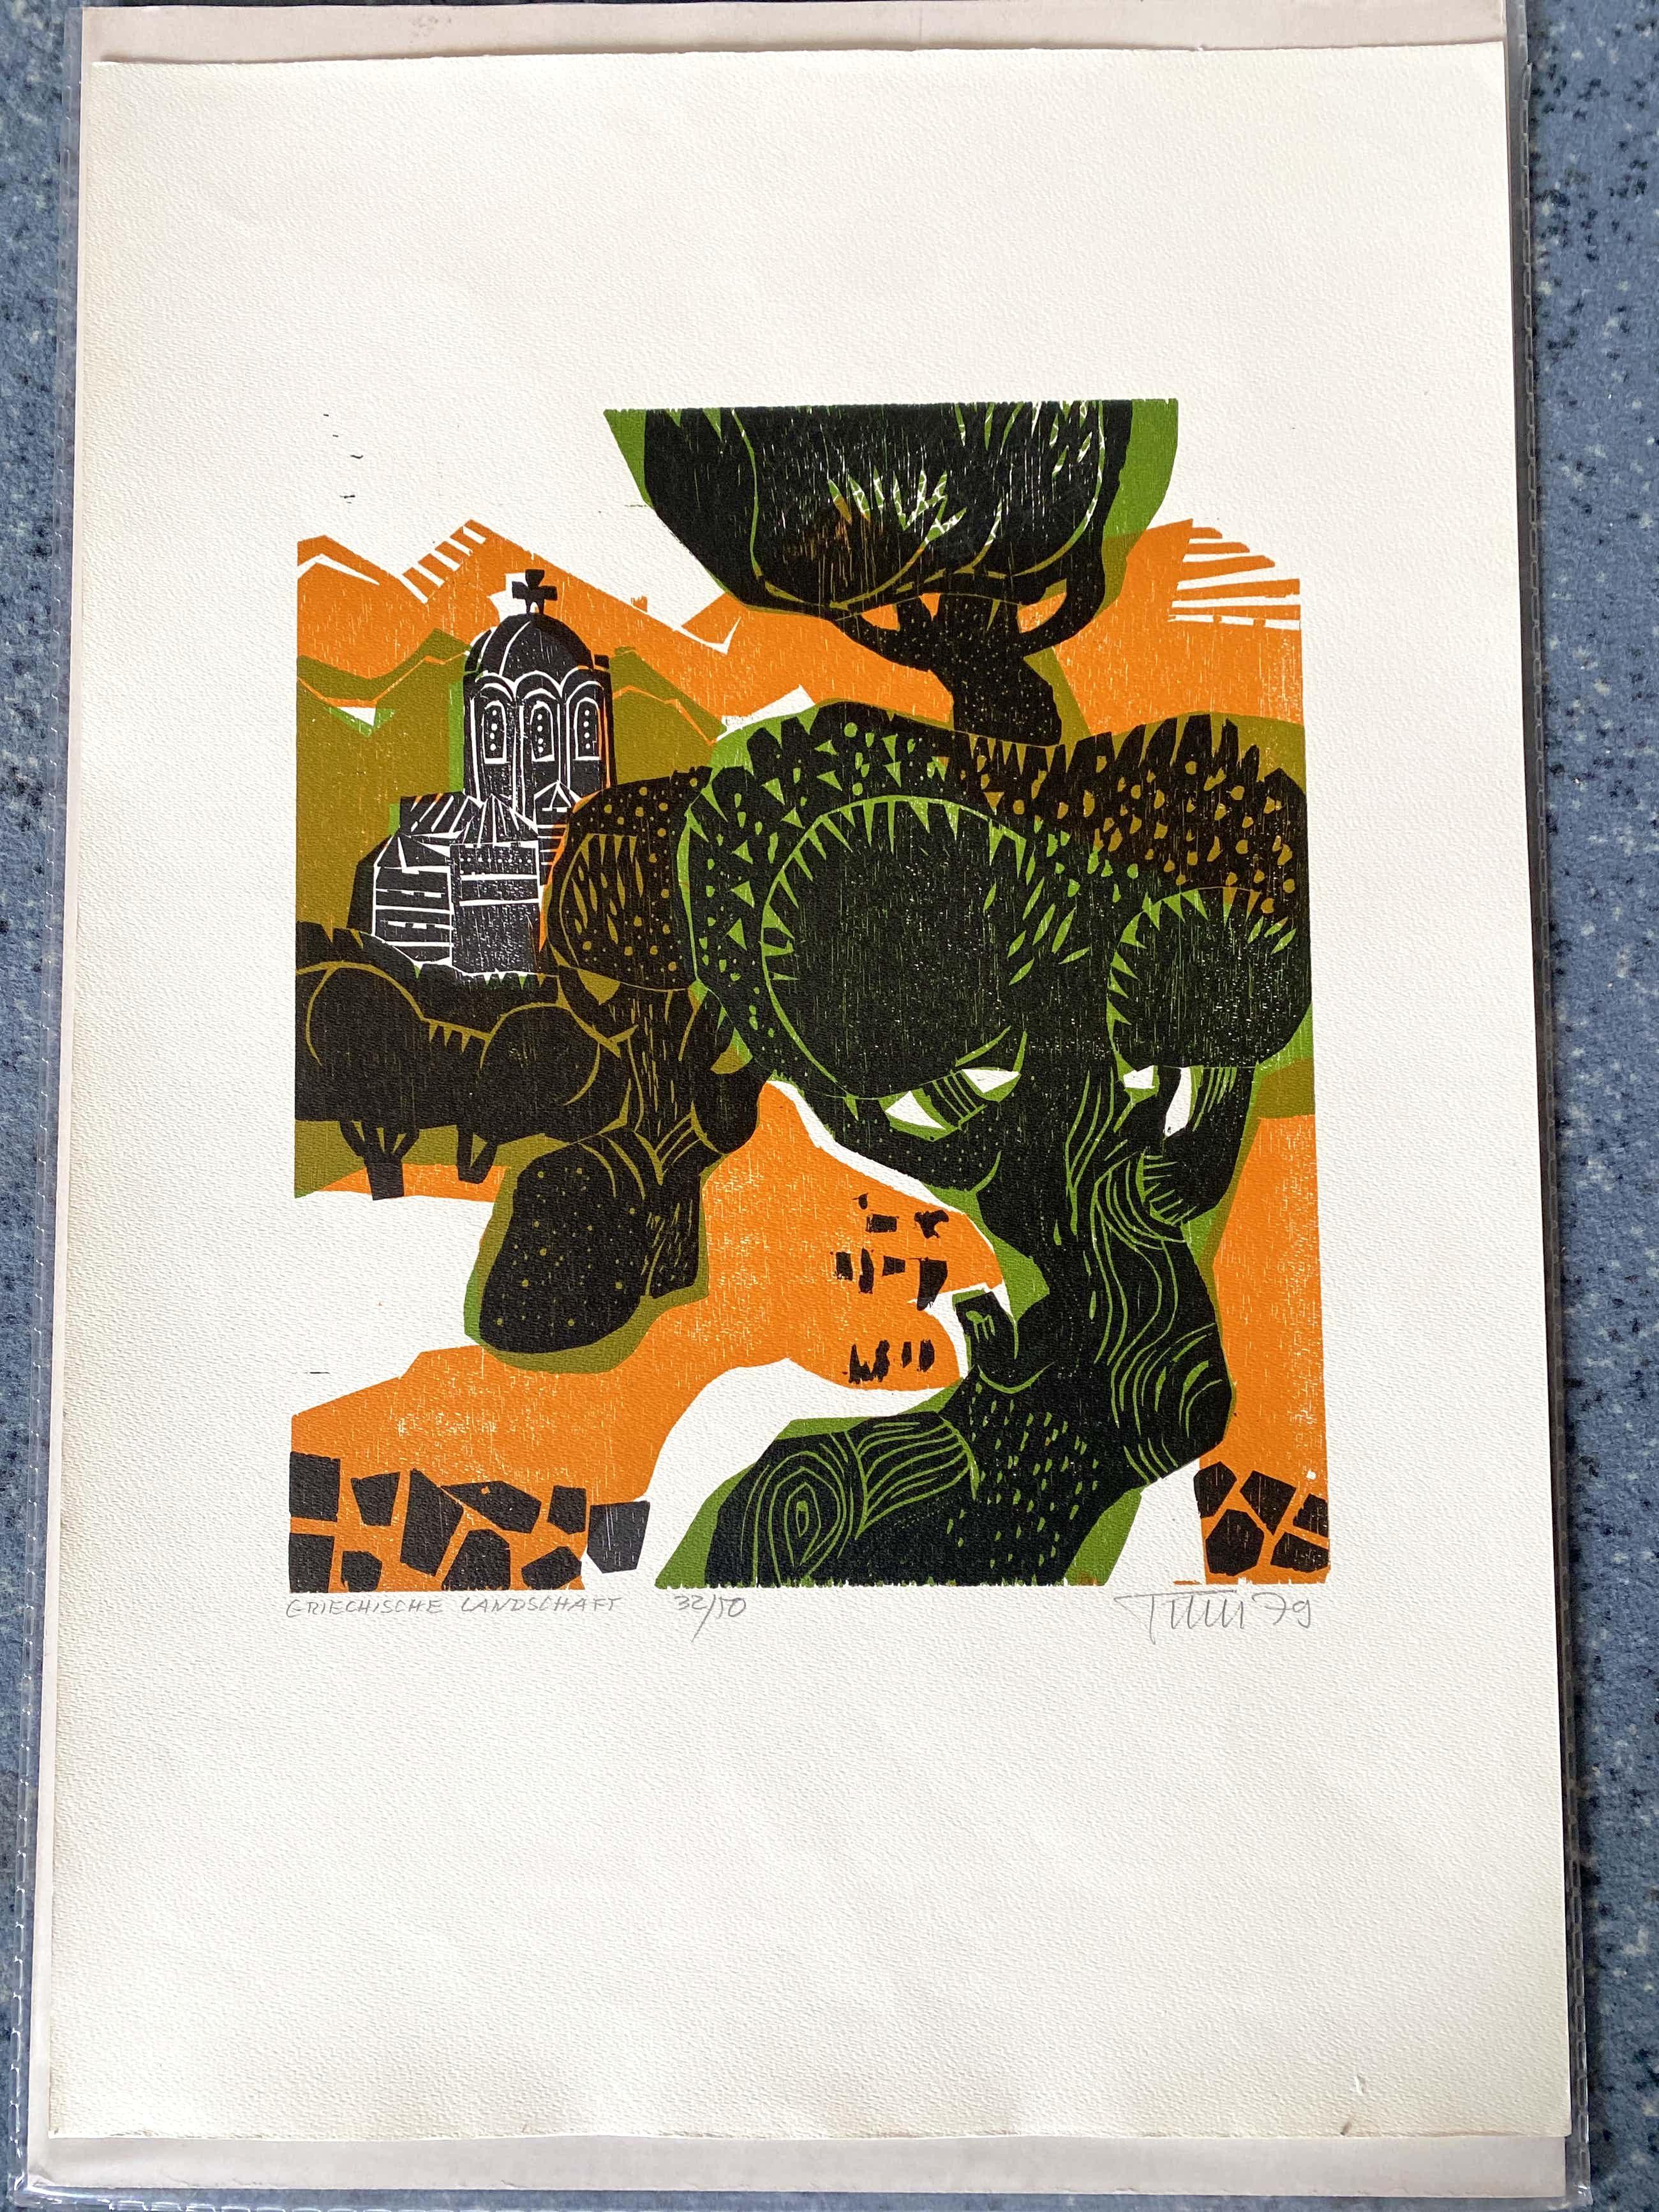 Alfred Pohl - Griechische Landschaft (1979) kopen? Bied vanaf 70!